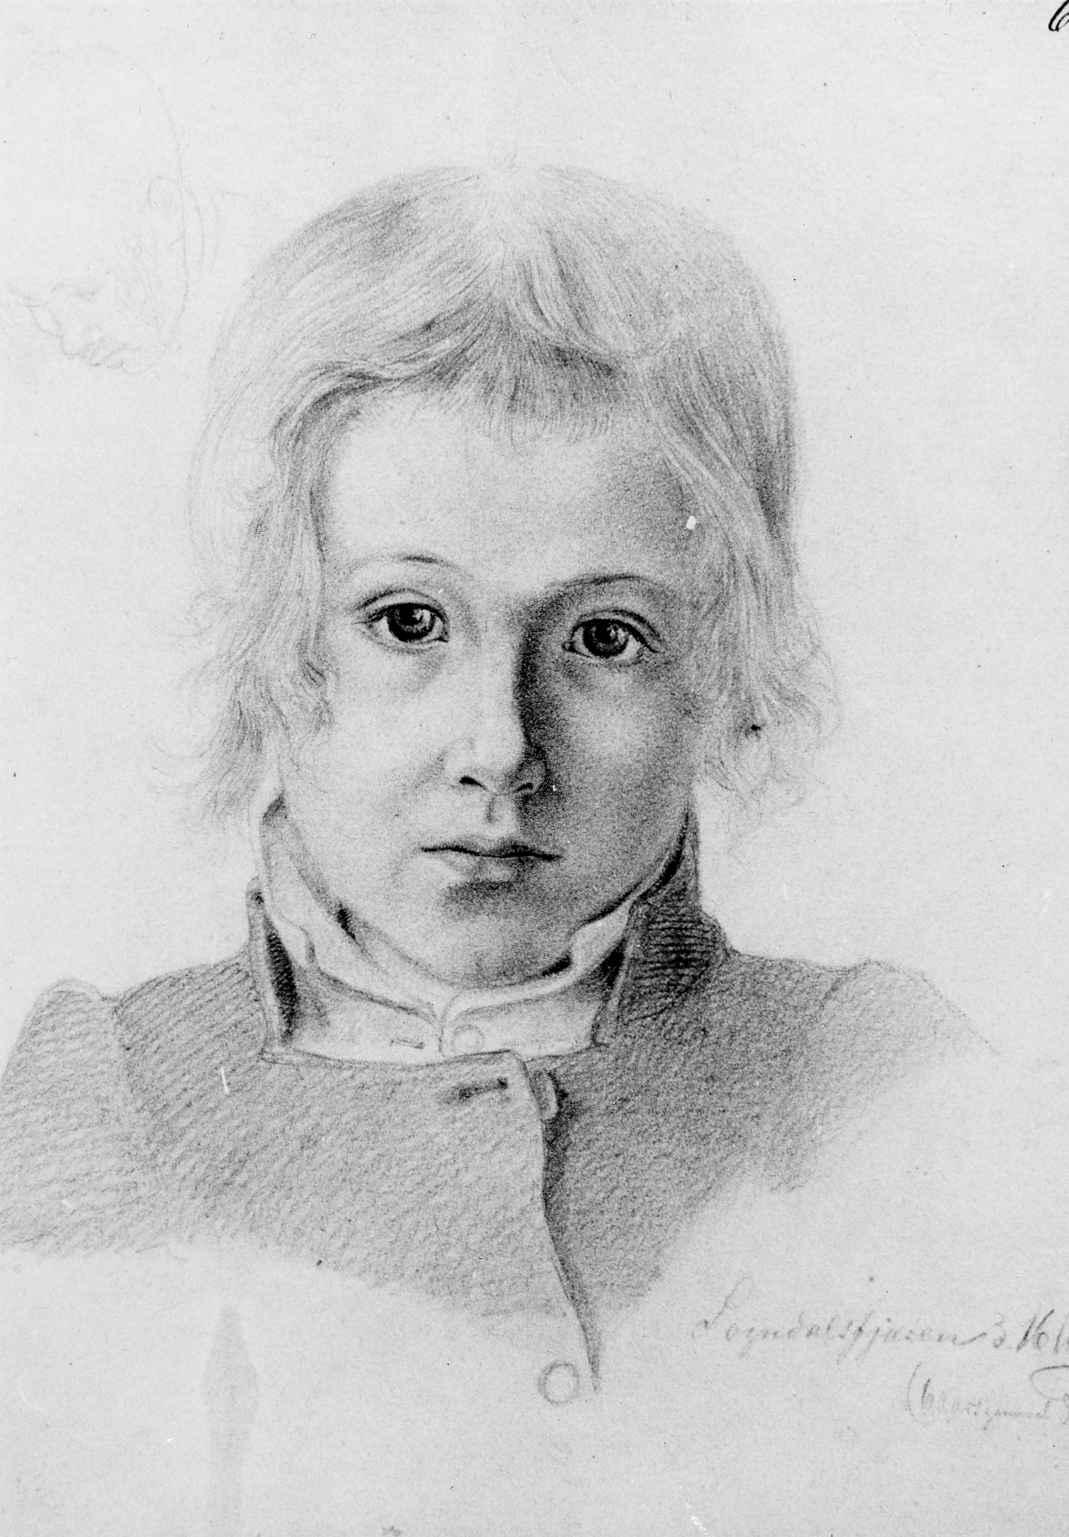 Portrett av gutt i Sogn, tegnet av Hjalmar Kjerulf, sommeren 1845 da Kjerulf og Hans Gude reiste sammen til Vestlandet.